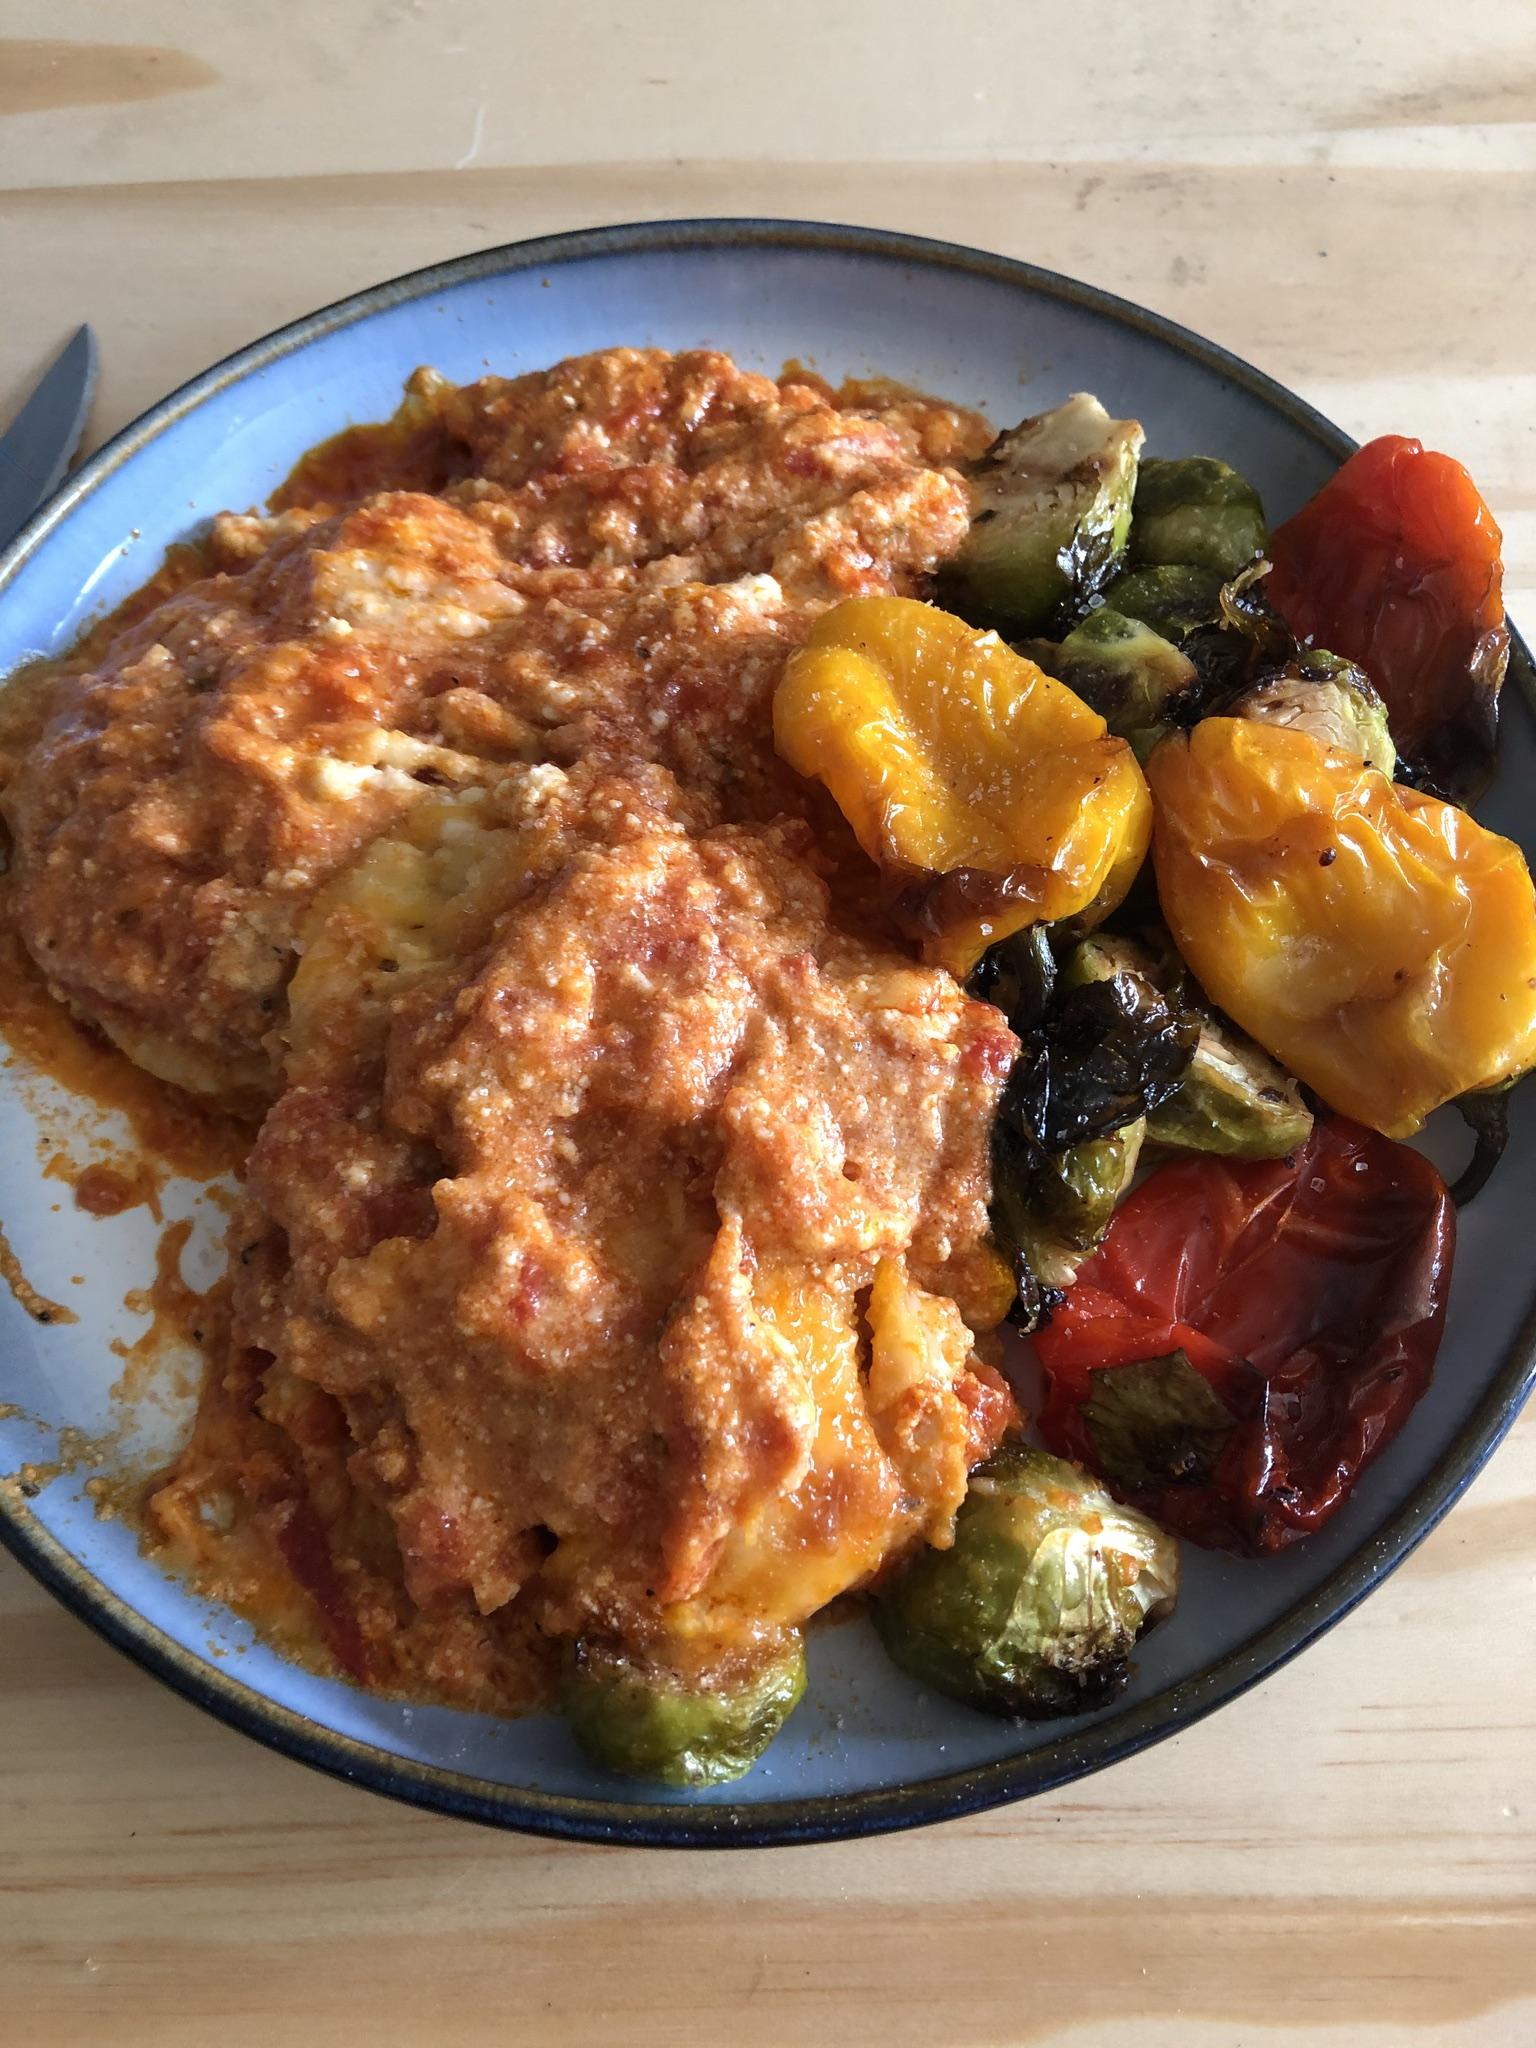 Chicken lasagna ans veggies